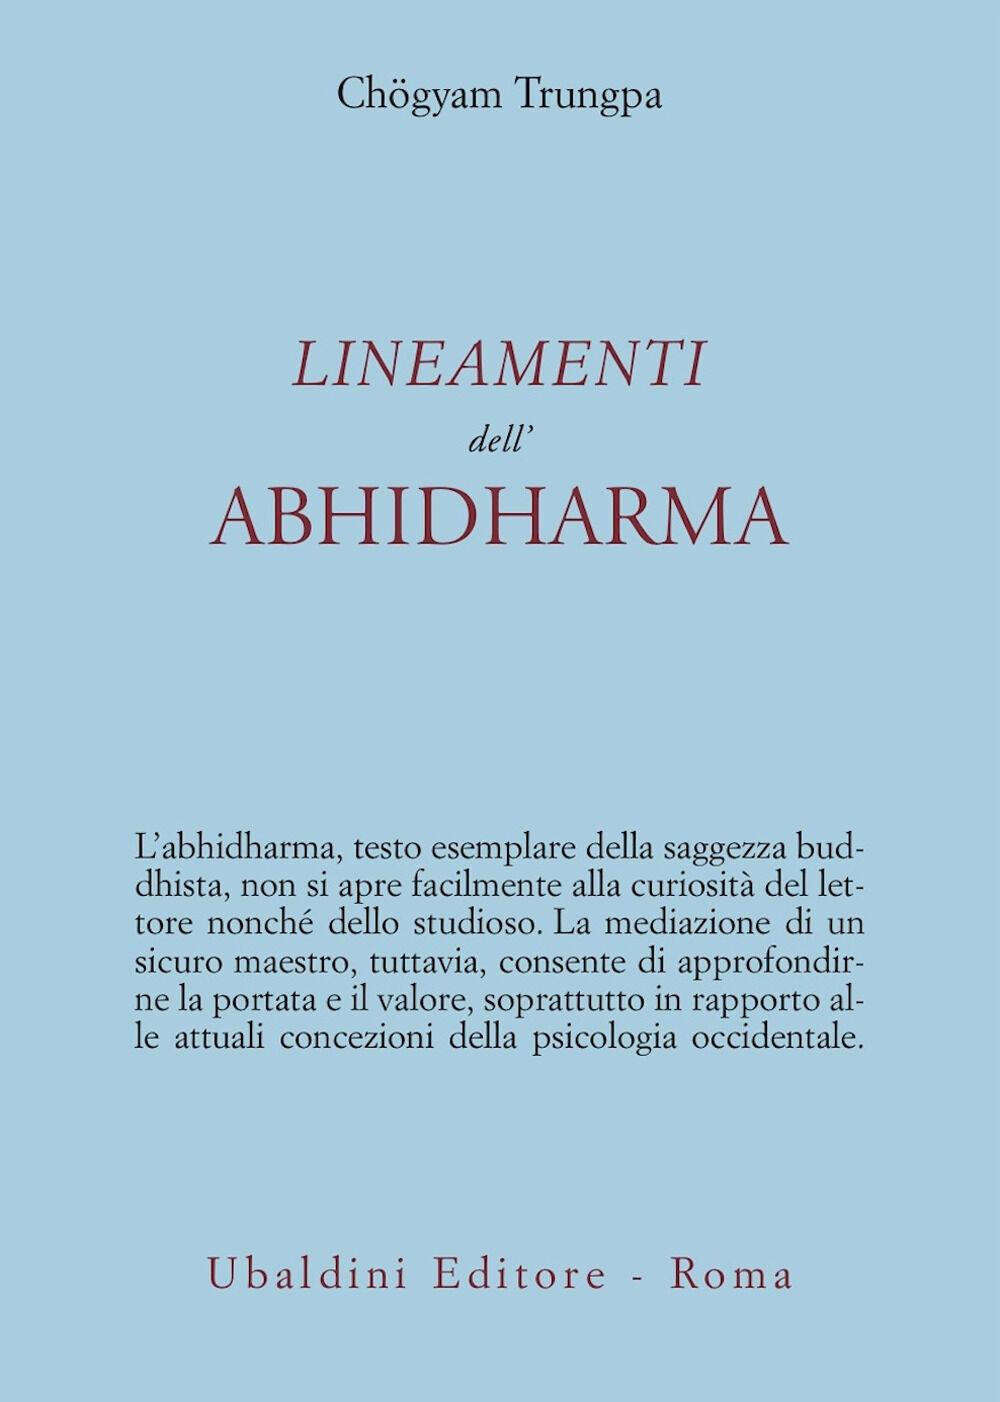 Lineamenti dell'Abhidharma